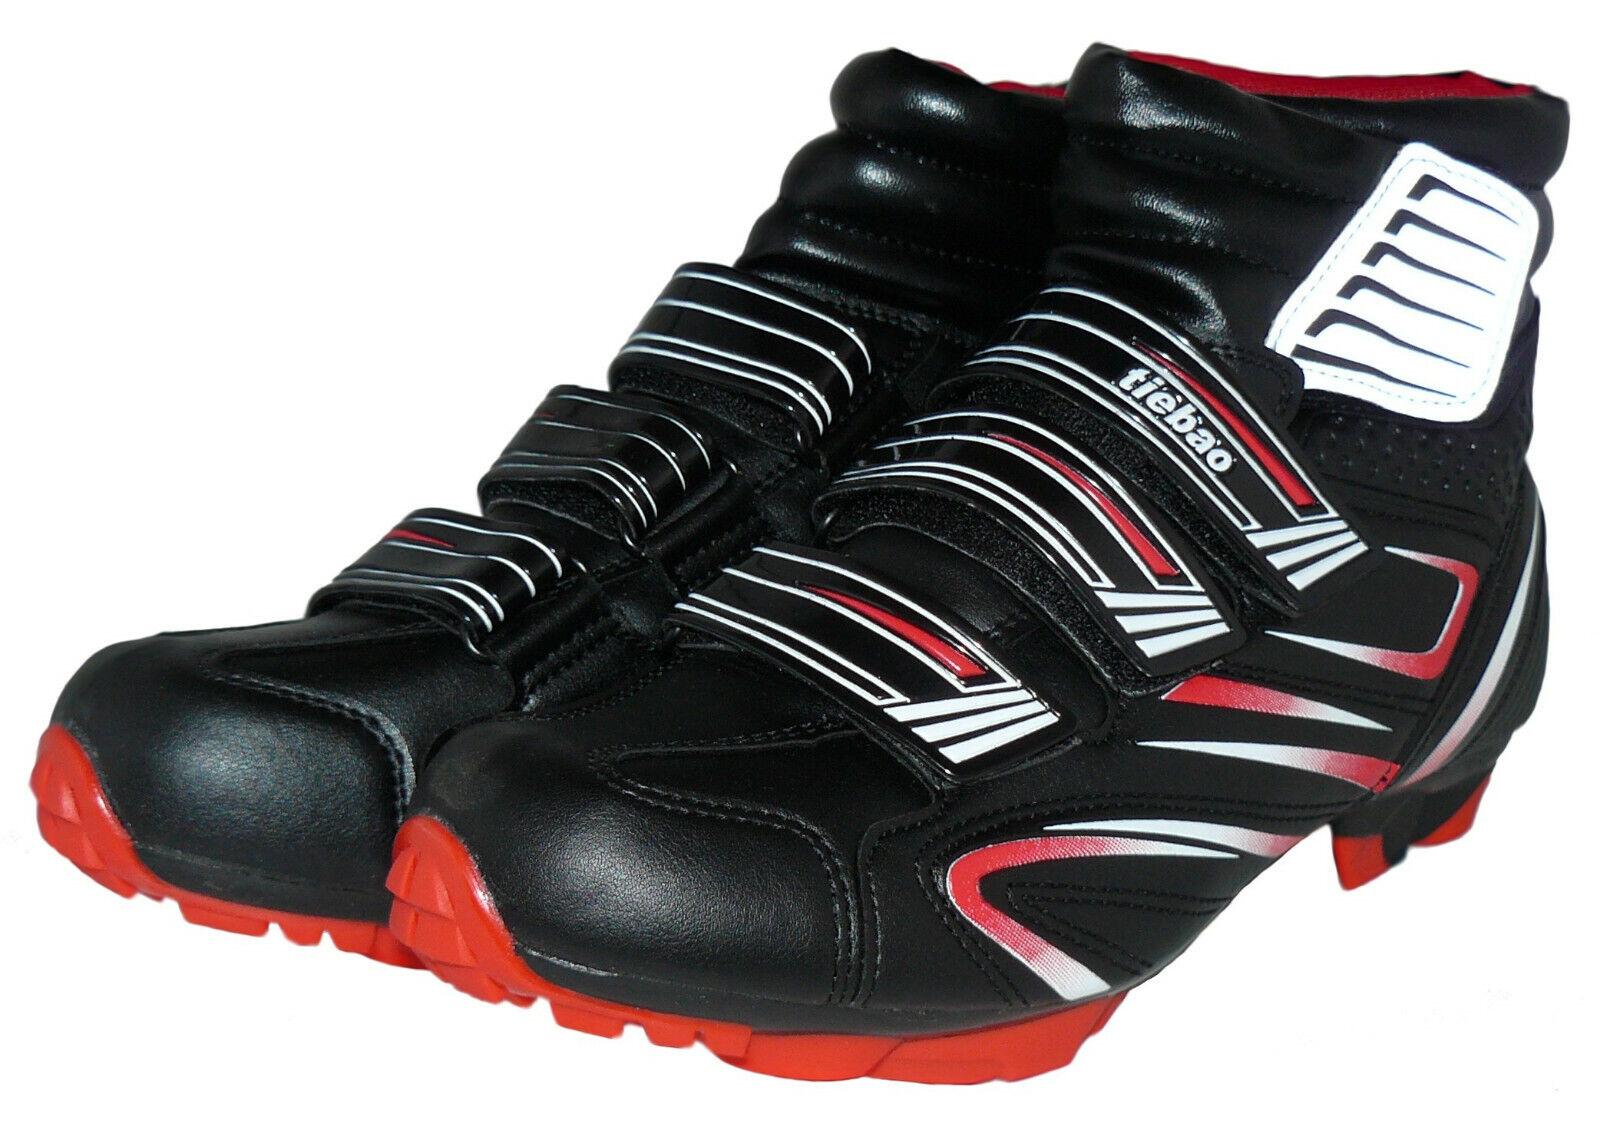 Invierno-bicicleta zapato mountainbike zapato negro-rojo MSW-RT talla 41 - 47 nuevo